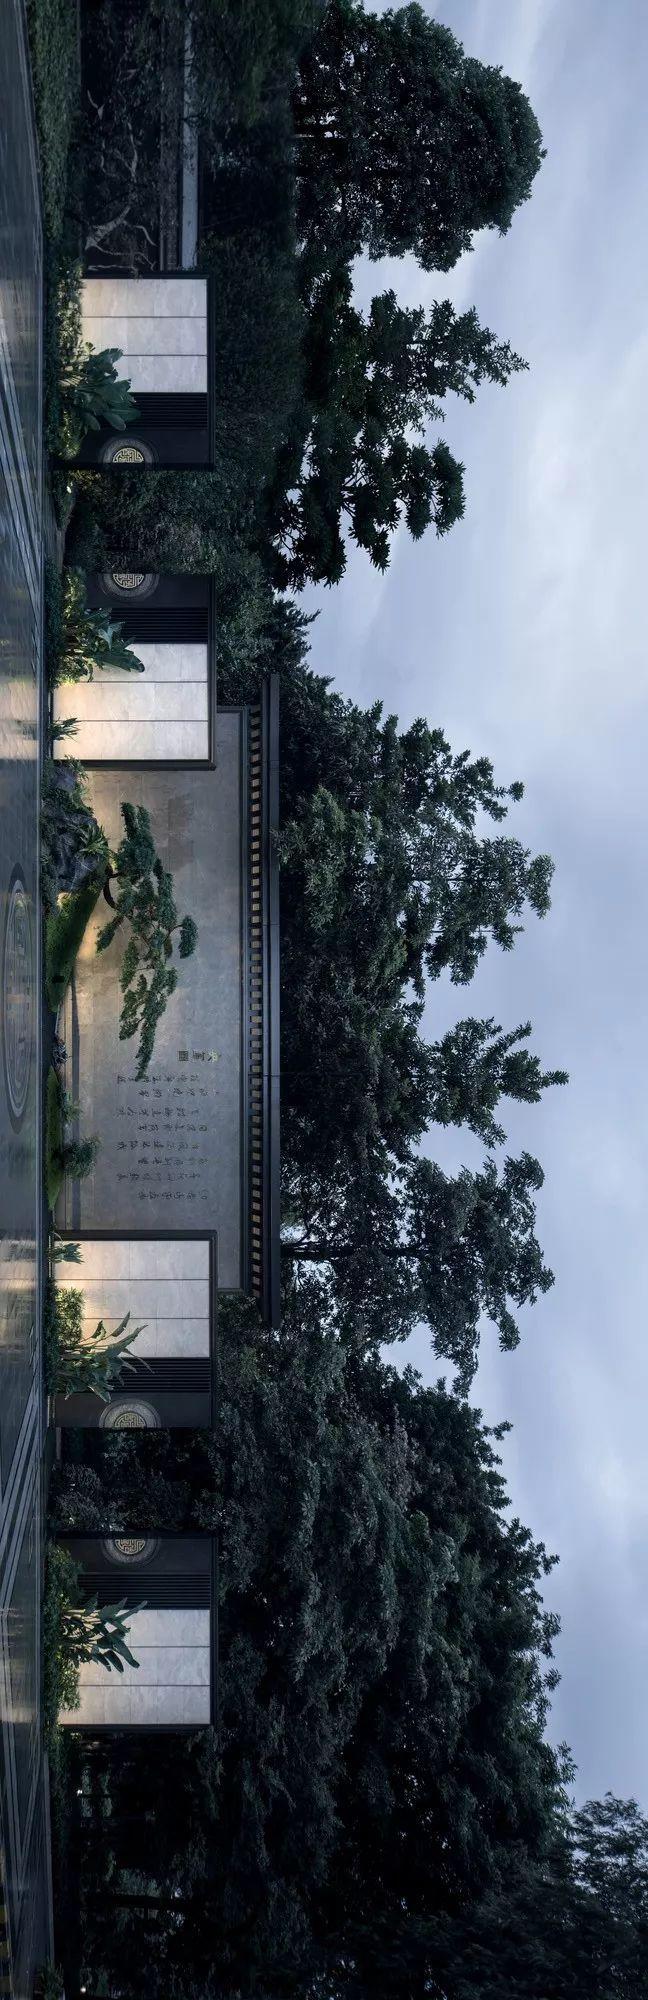 一座现代写意岭南园林|广州建发·央玺_9